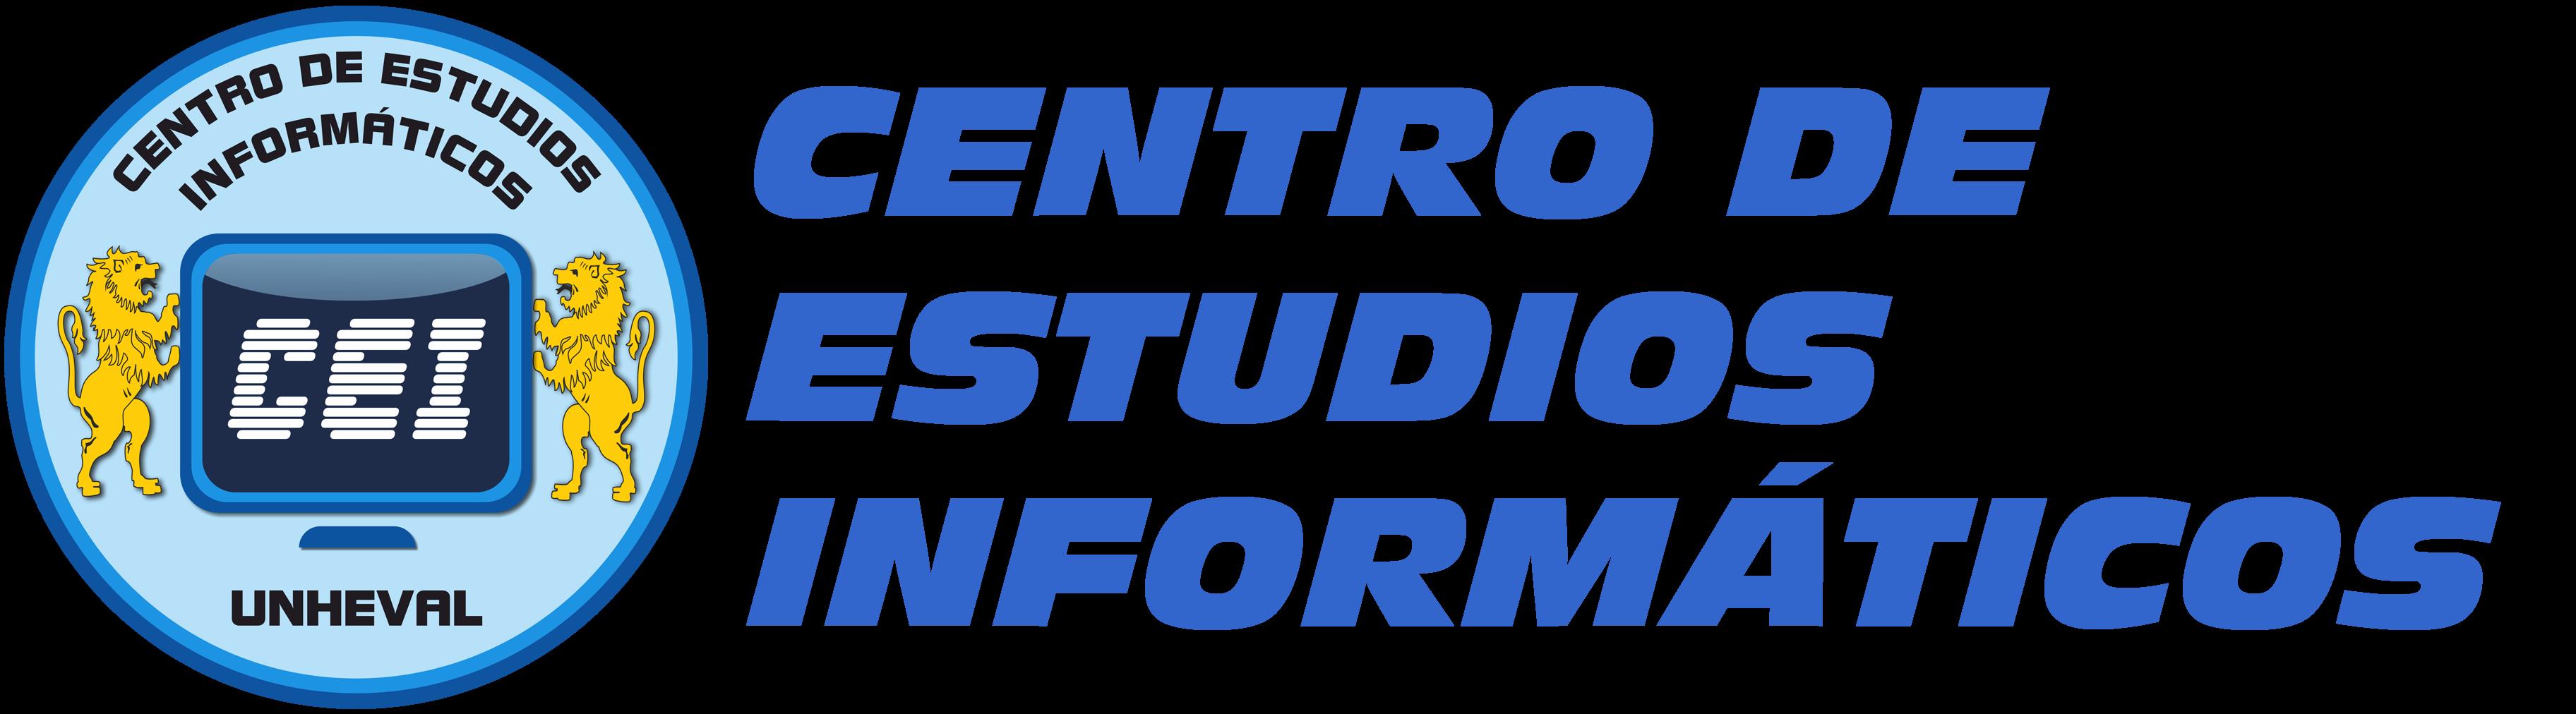 Centro de Estudios Informáticos – UNHEVAL